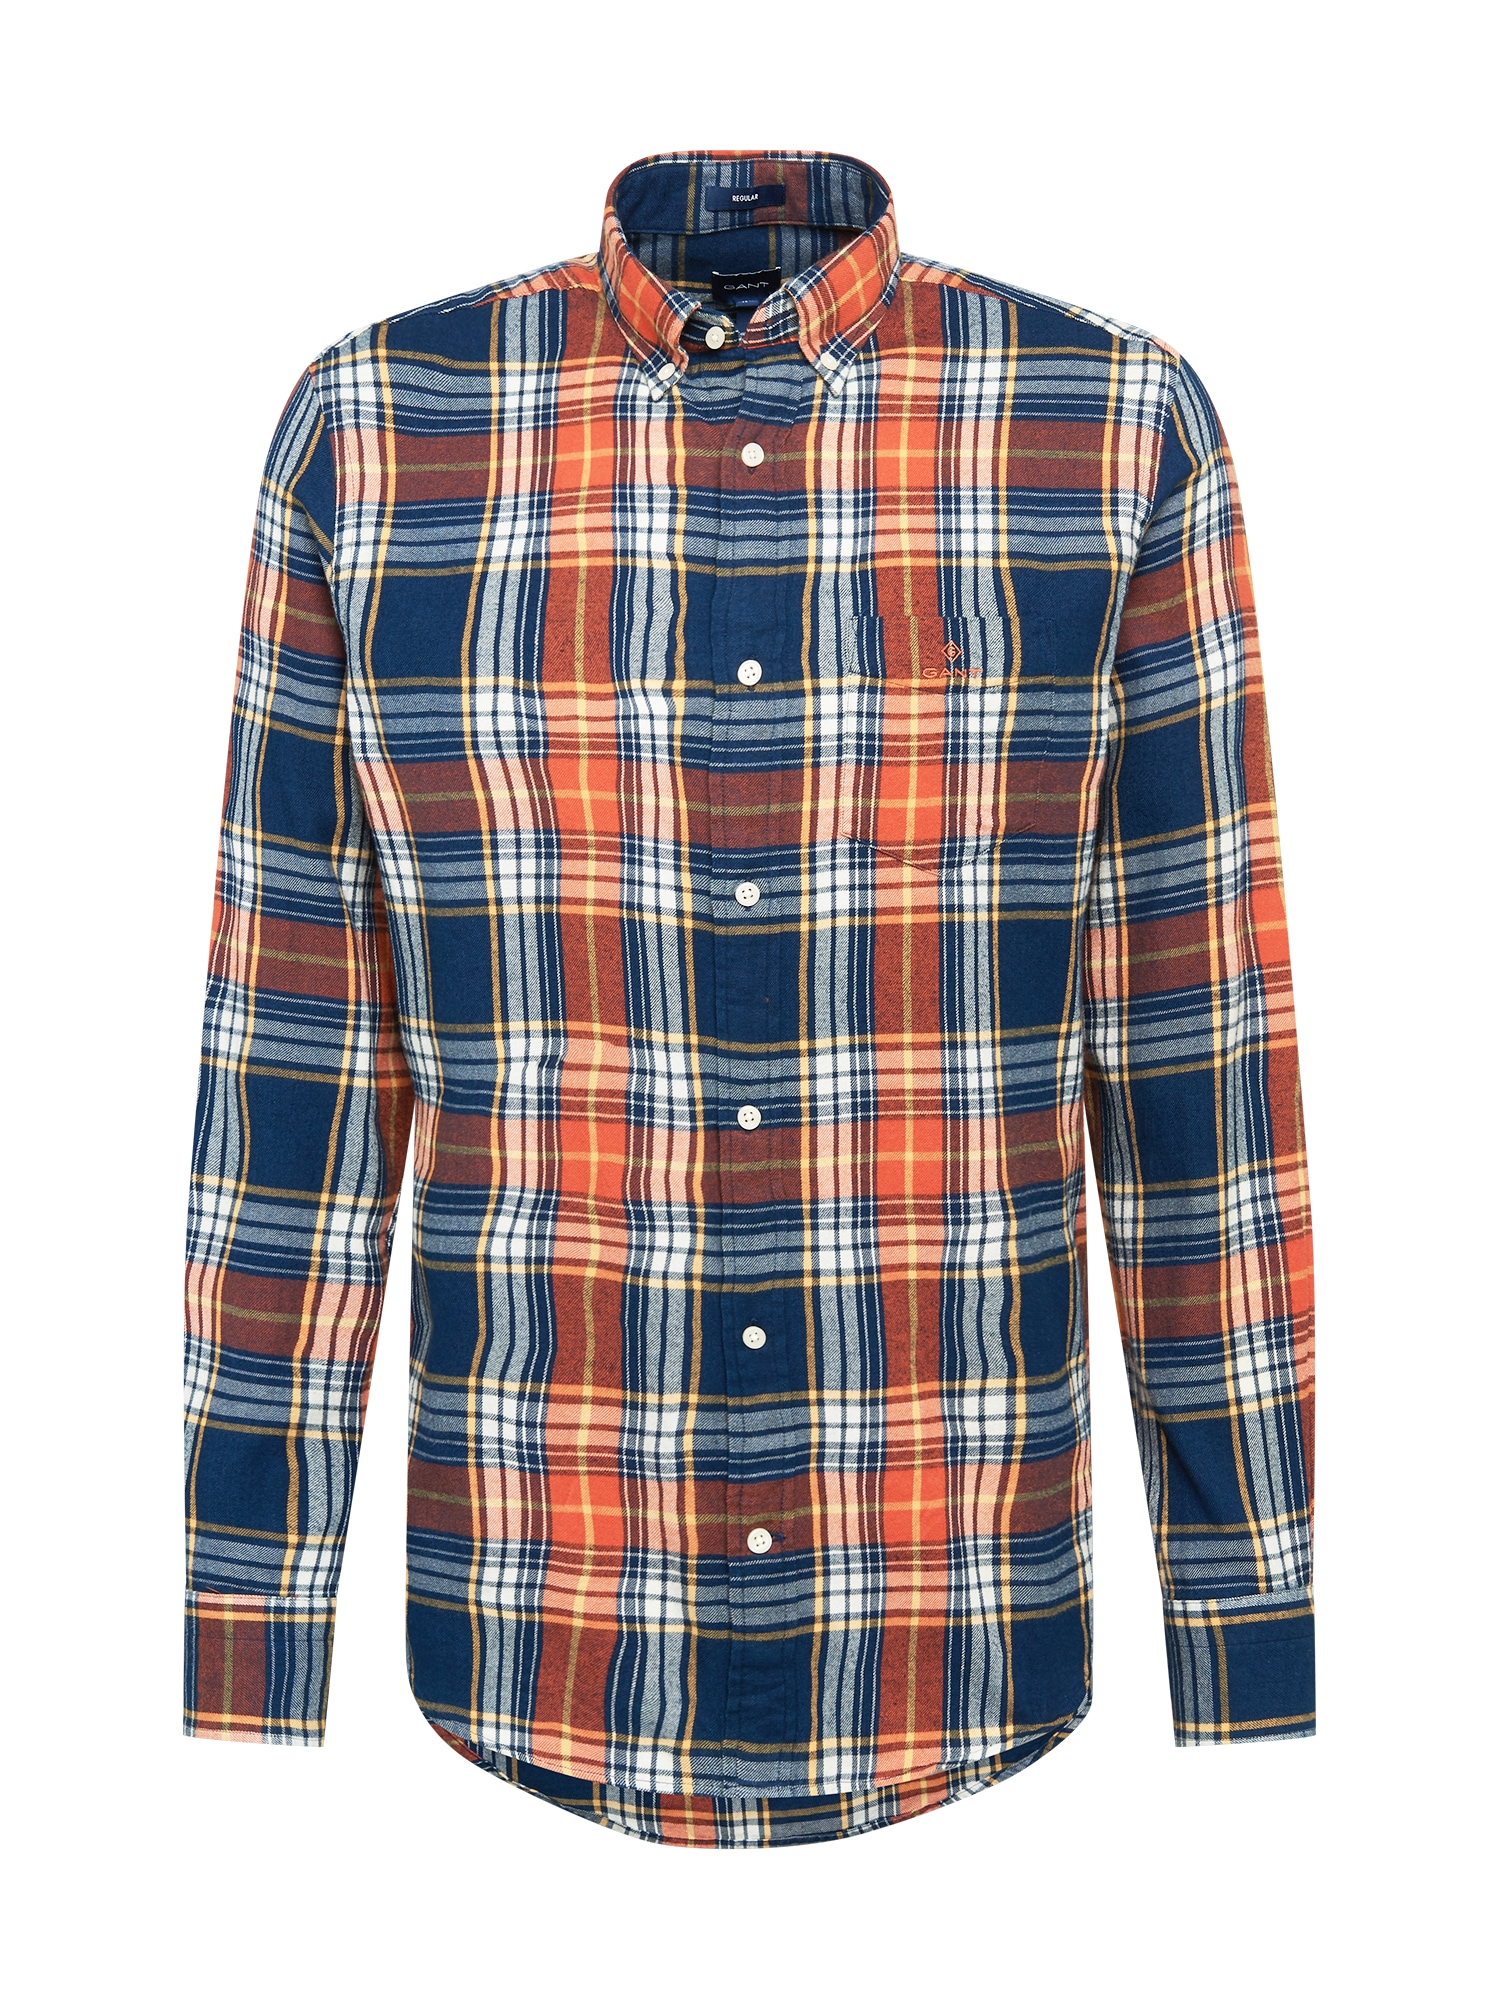 GANT Marškiniai tamsiai oranžinė / šviesiai oranžinė / tamsiai mėlyna / balta / geltona